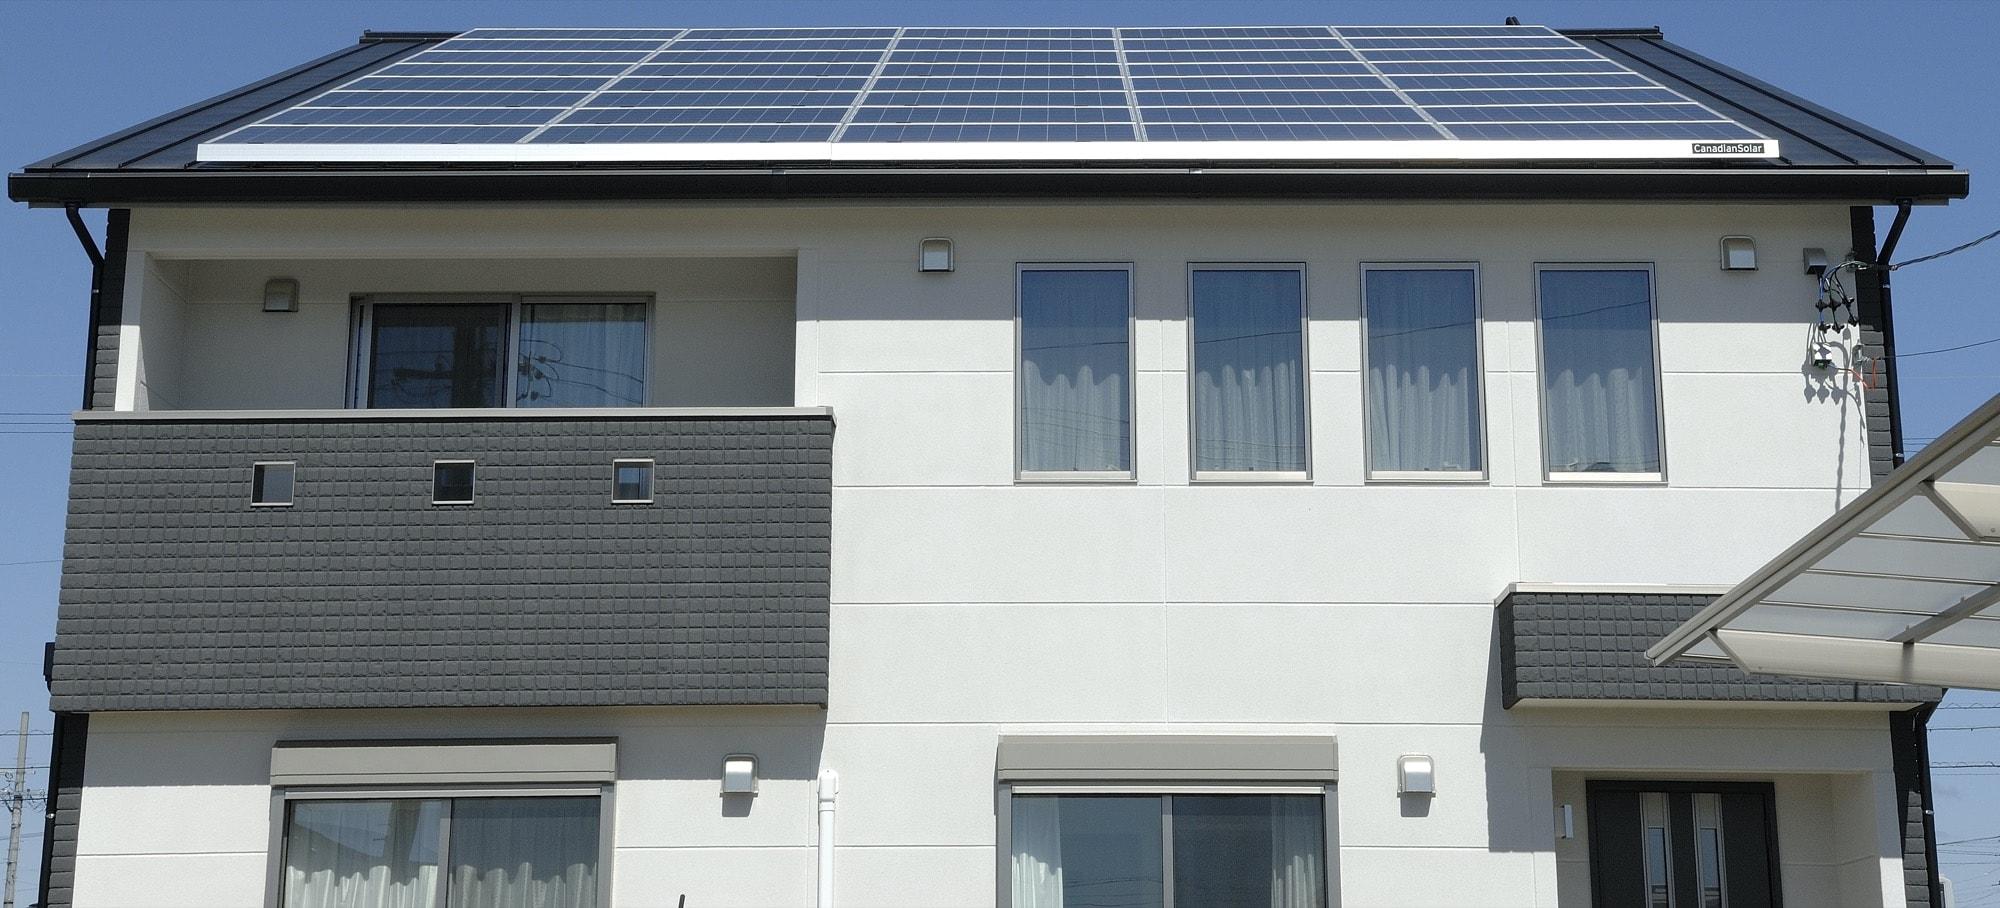 新築時に太陽光発電を搭載するメリット